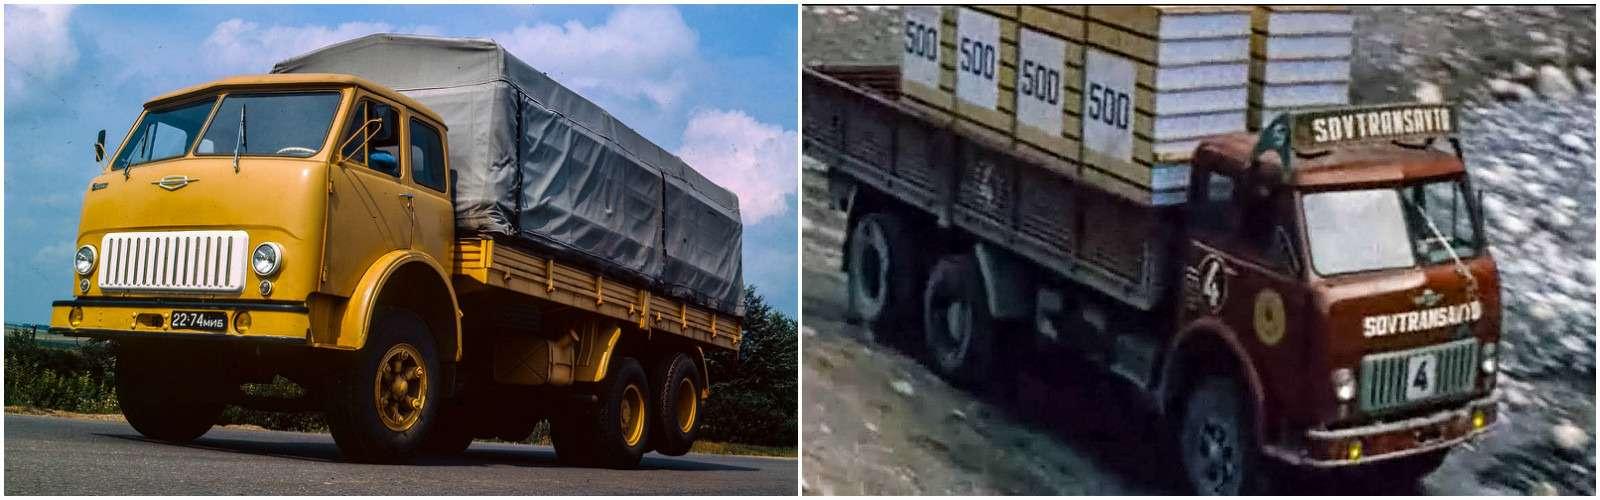 МАЗ-514, Мировой парень, 1971г., режиссер Юрий Дубровин.